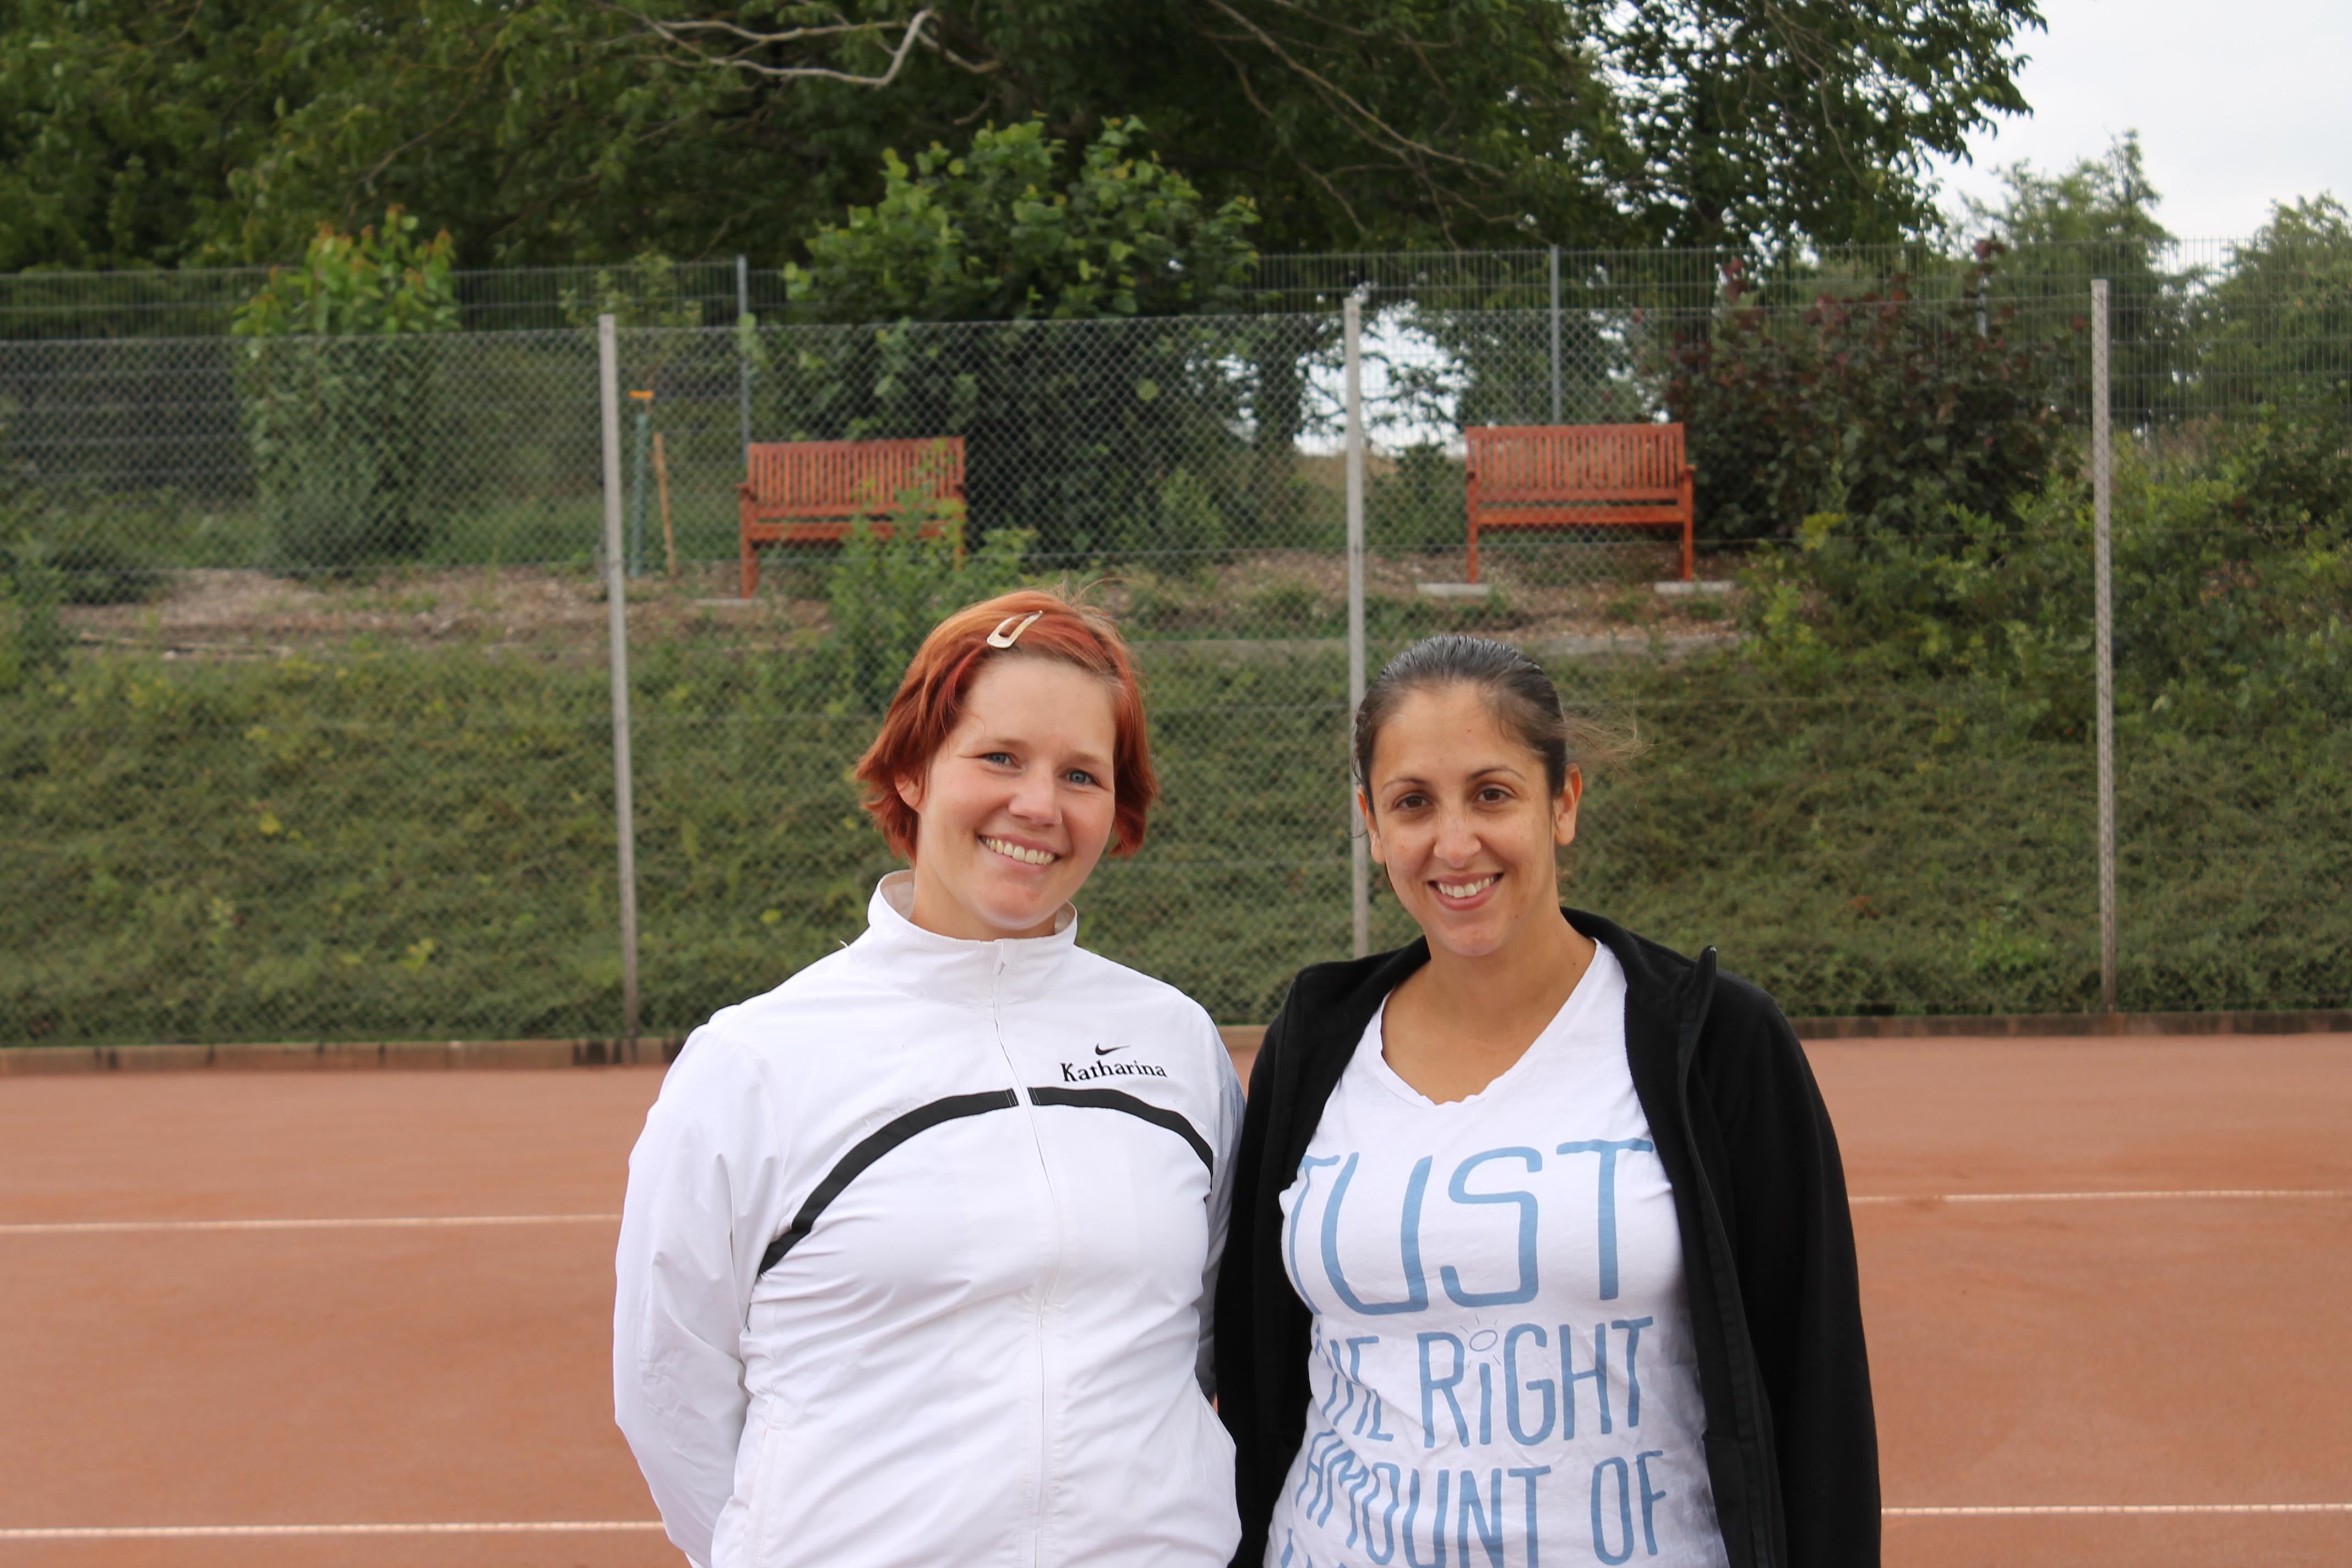 Zwei Freitagsmädels vor ihrem Match: Katharina Rüd (links) und Christina Josten (rechts)